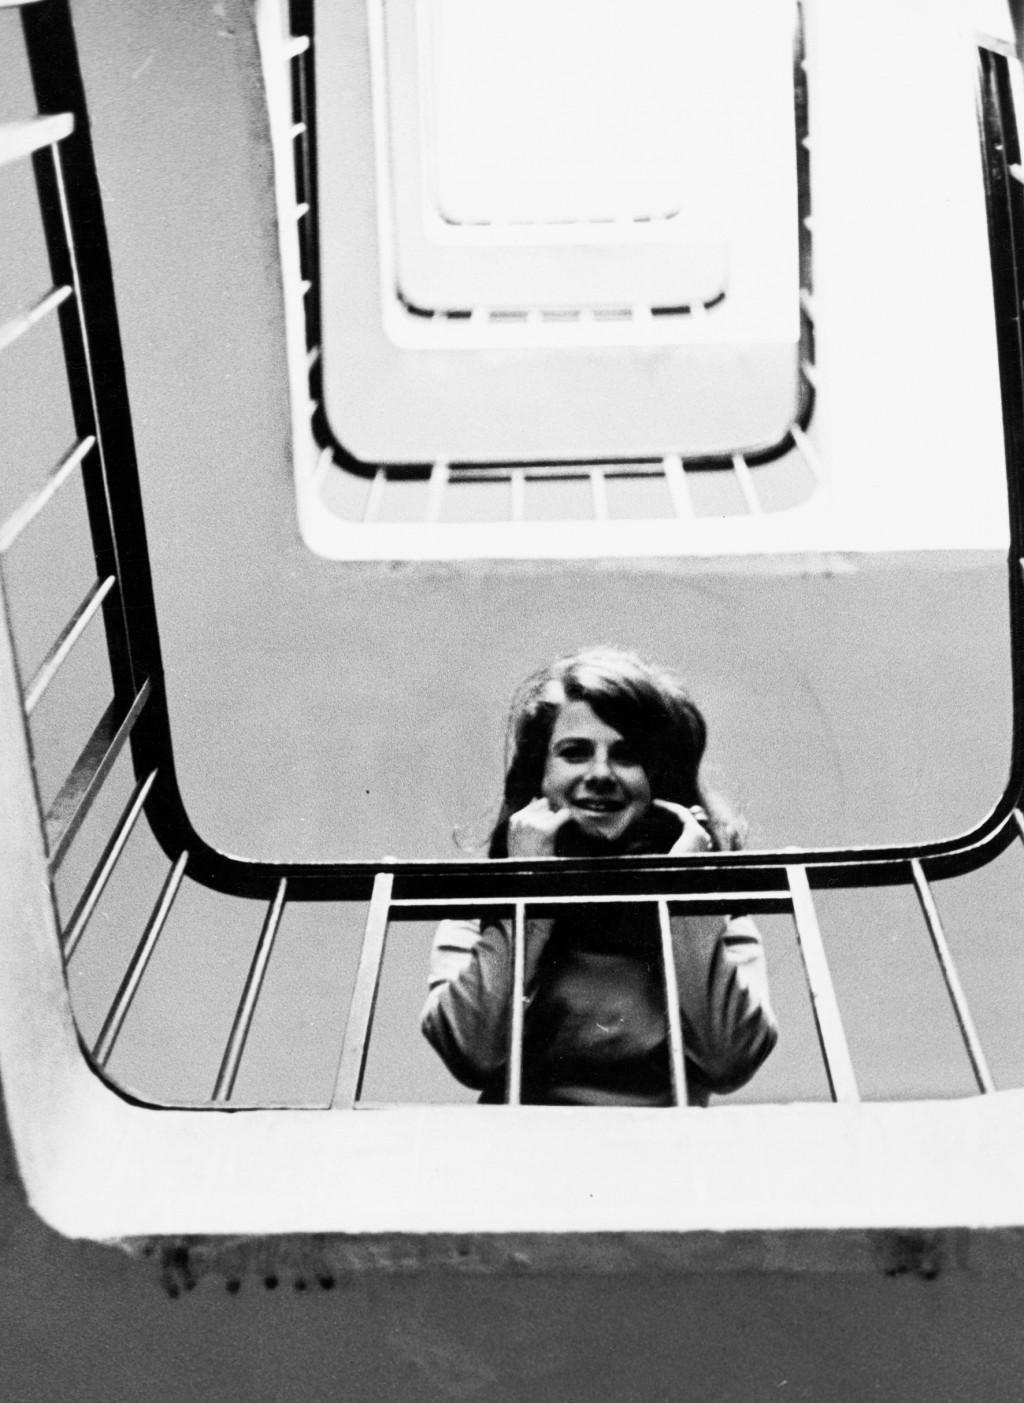 Jacqueline de Jong in het trappenhuis van haar atelier aan 97 rue de Charonne, Parijs. Archief Jacqueline de Jong.